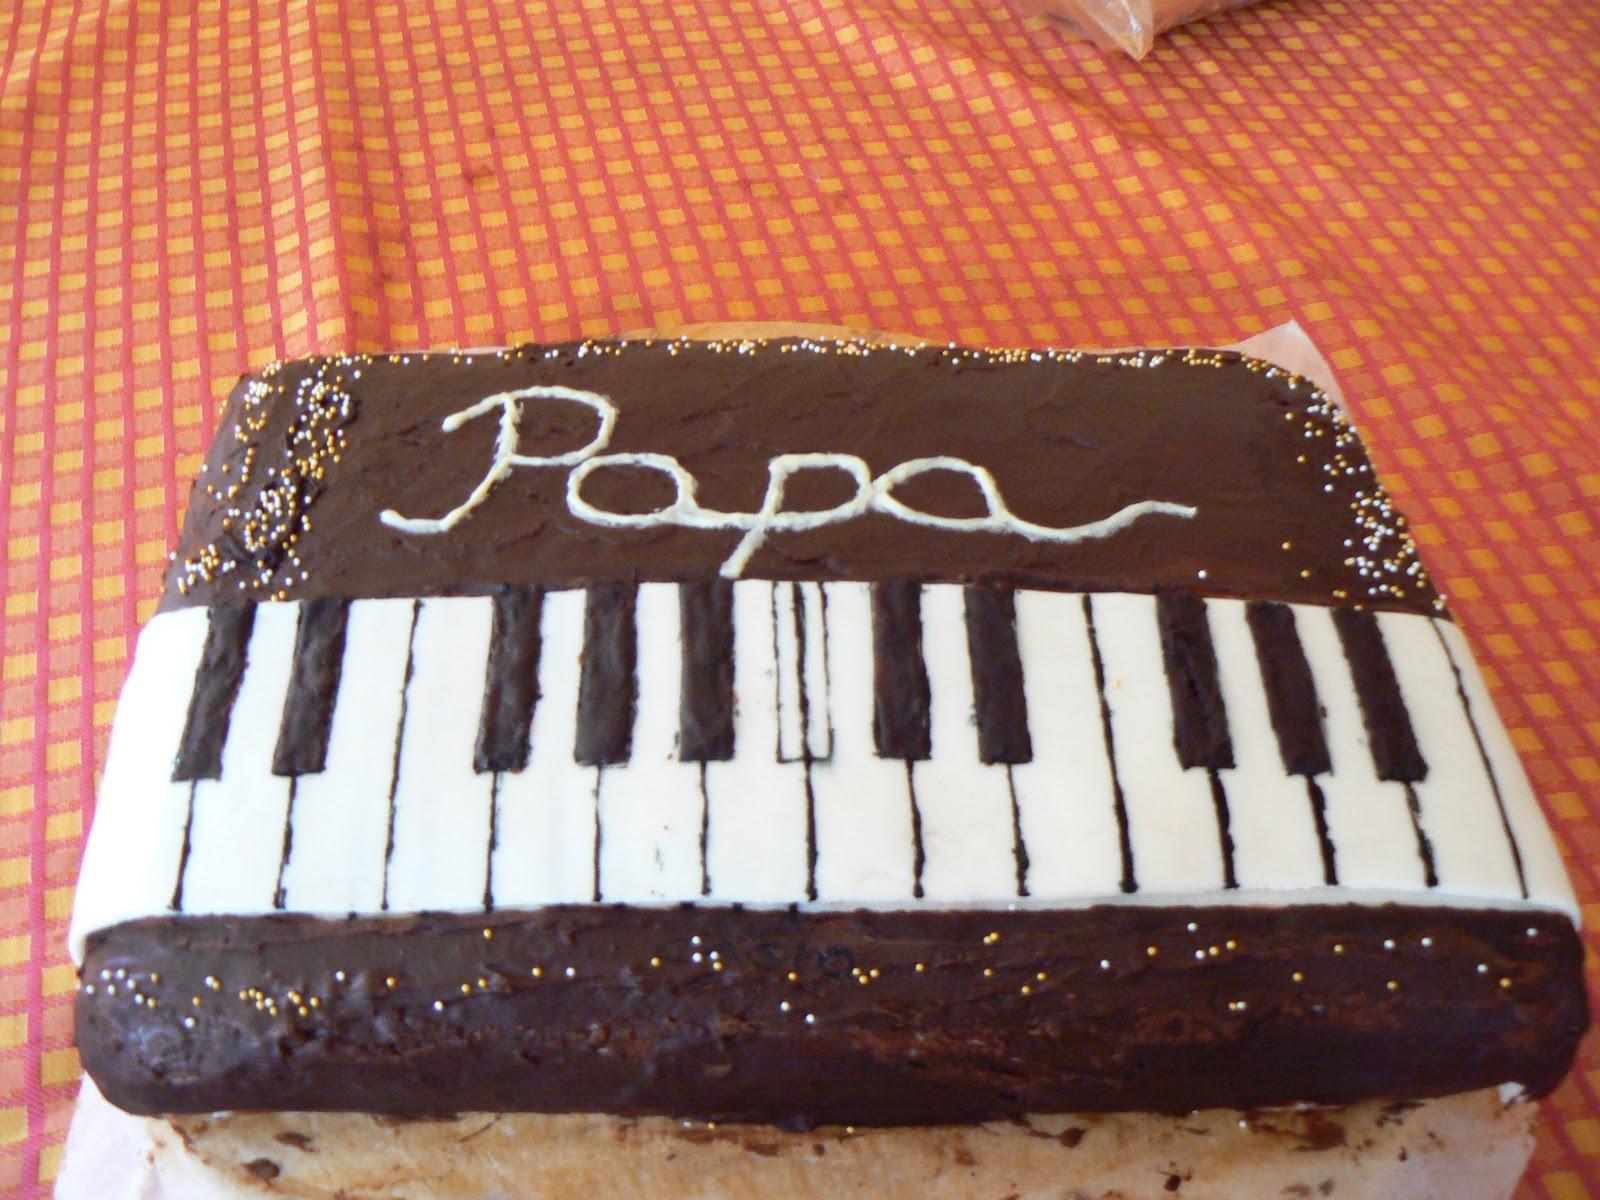 szintetizátor torta képek Nari tortája: Szintetizátor, avagy Apukám szülinapi tortája szintetizátor torta képek